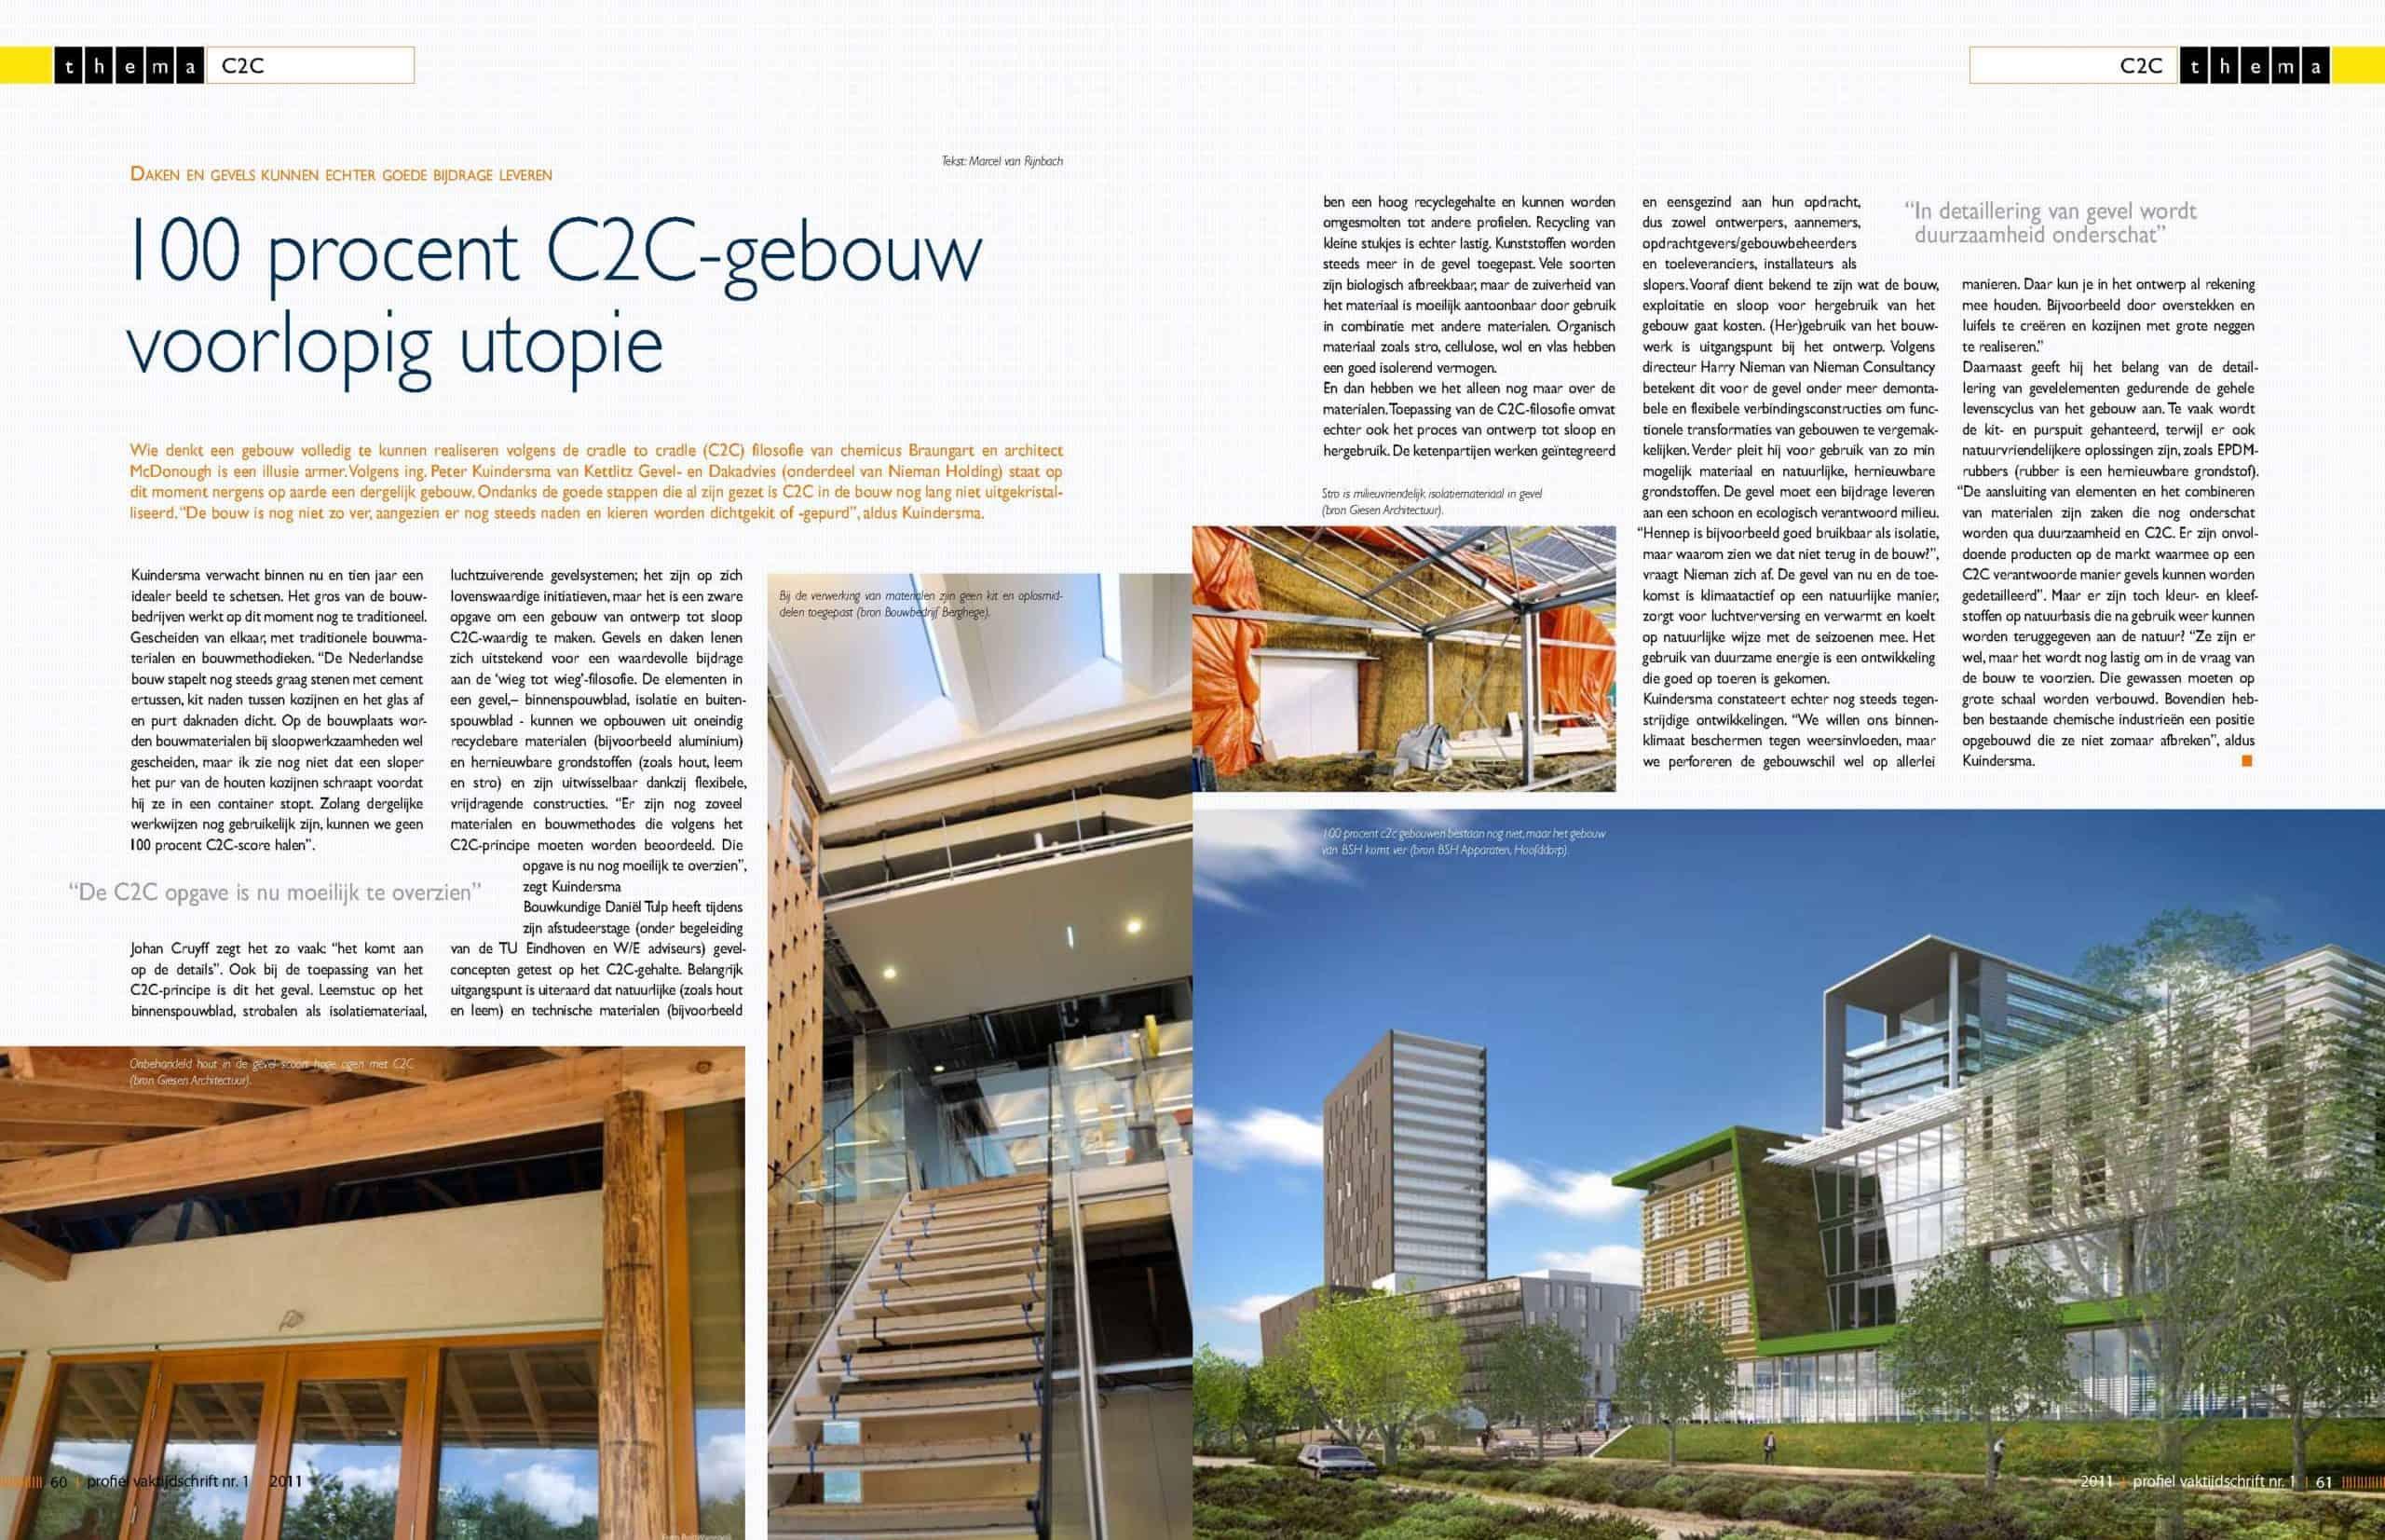 Profiel_2011-01_100_procent_C2C-gebouw_voorlopig_utopie-1-scaled